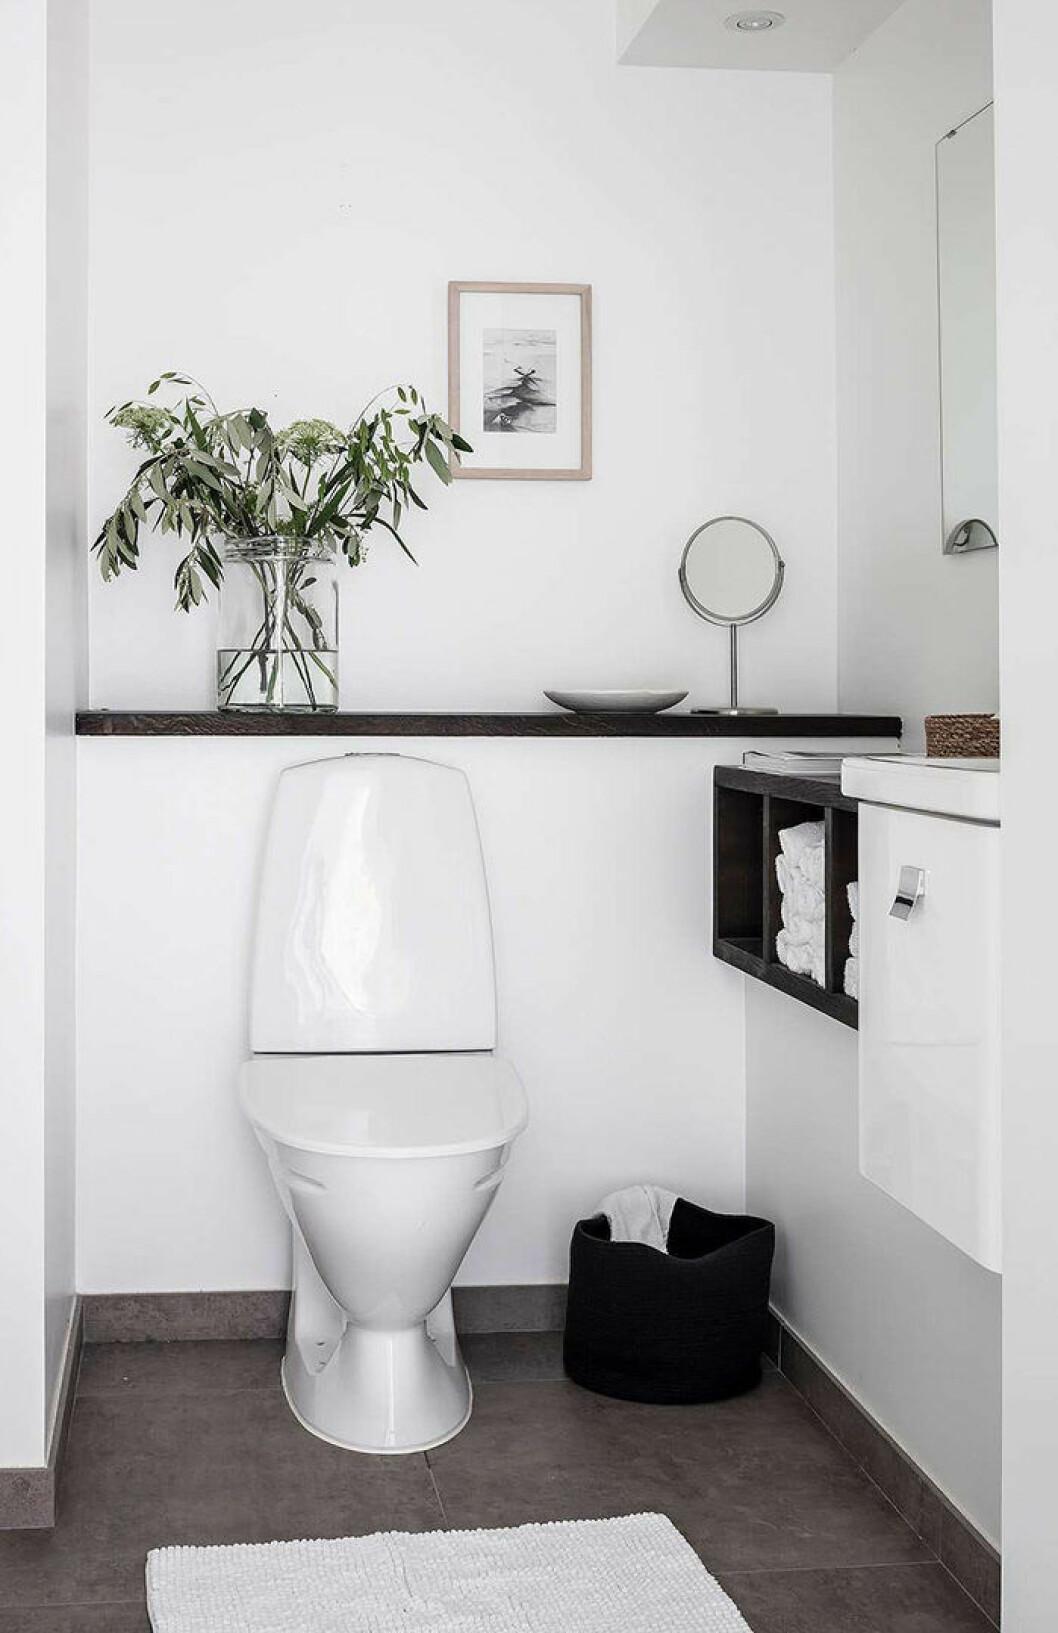 Platsbyggd förvaring är ett snyggt compact living-knep i det lilla badrummet